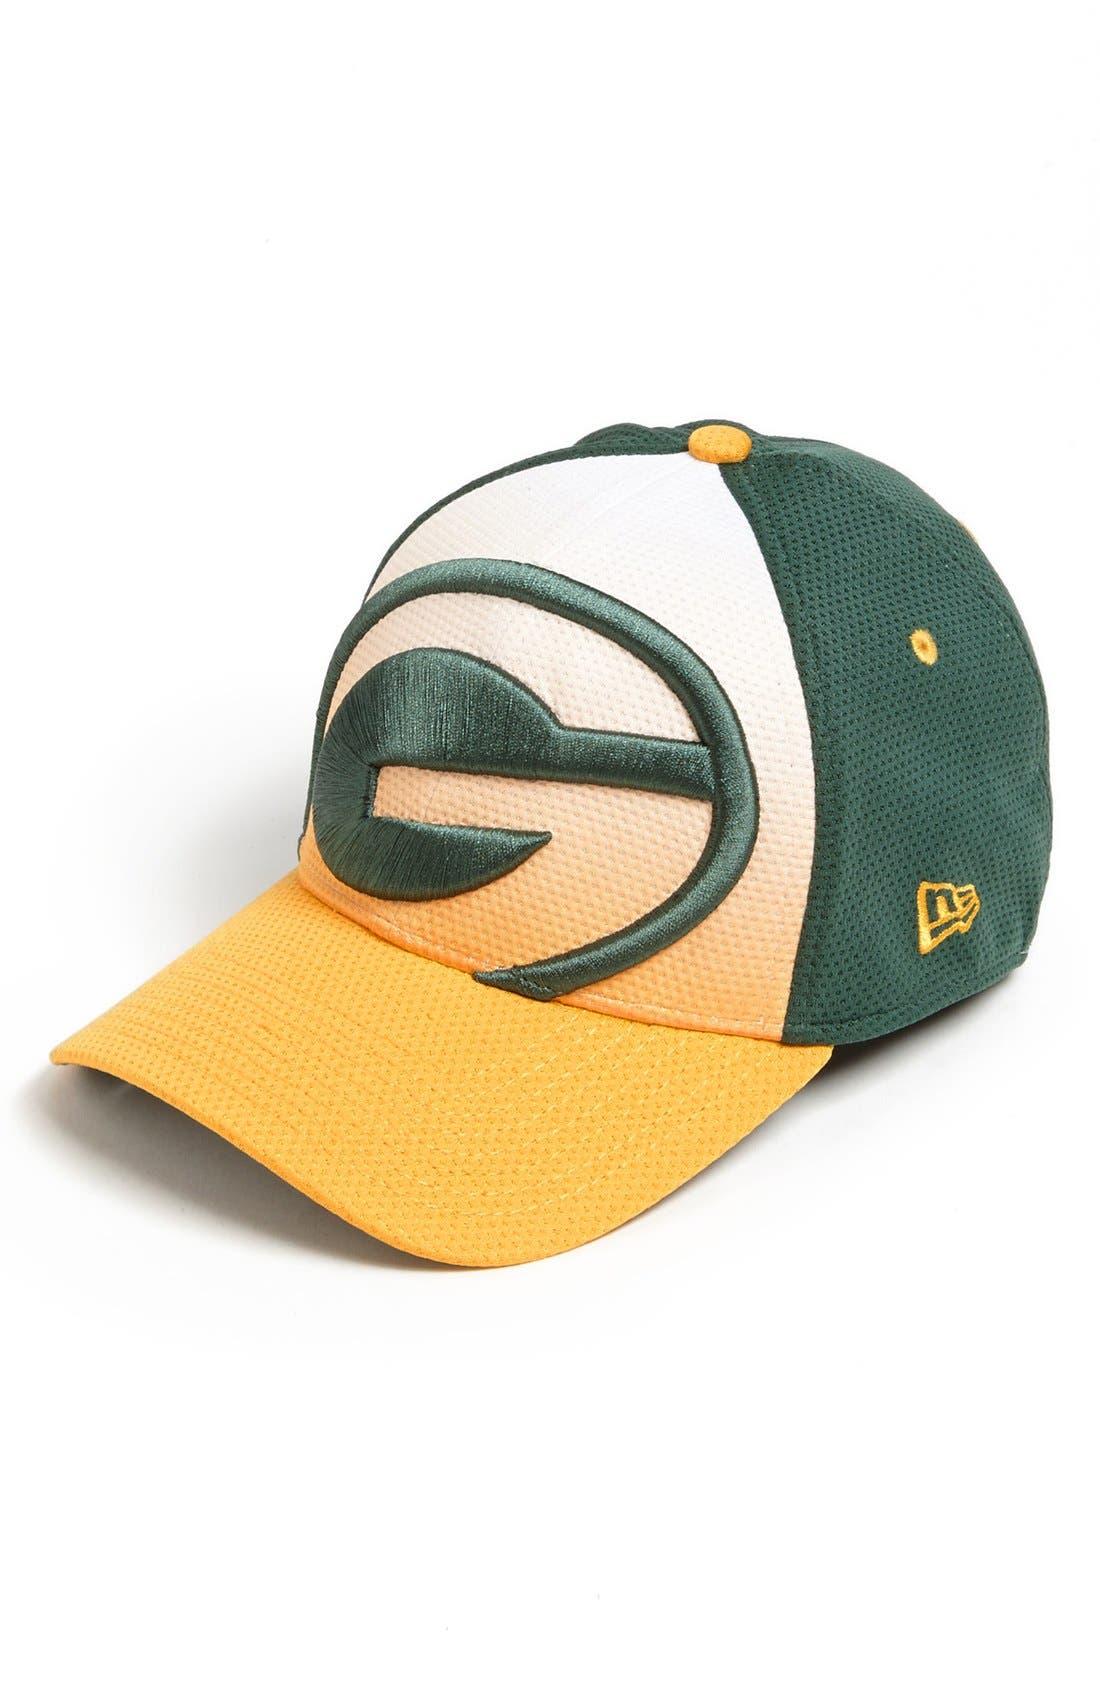 Main Image - New Era Cap 'Gradation - Green Bay Packers' Baseball Cap